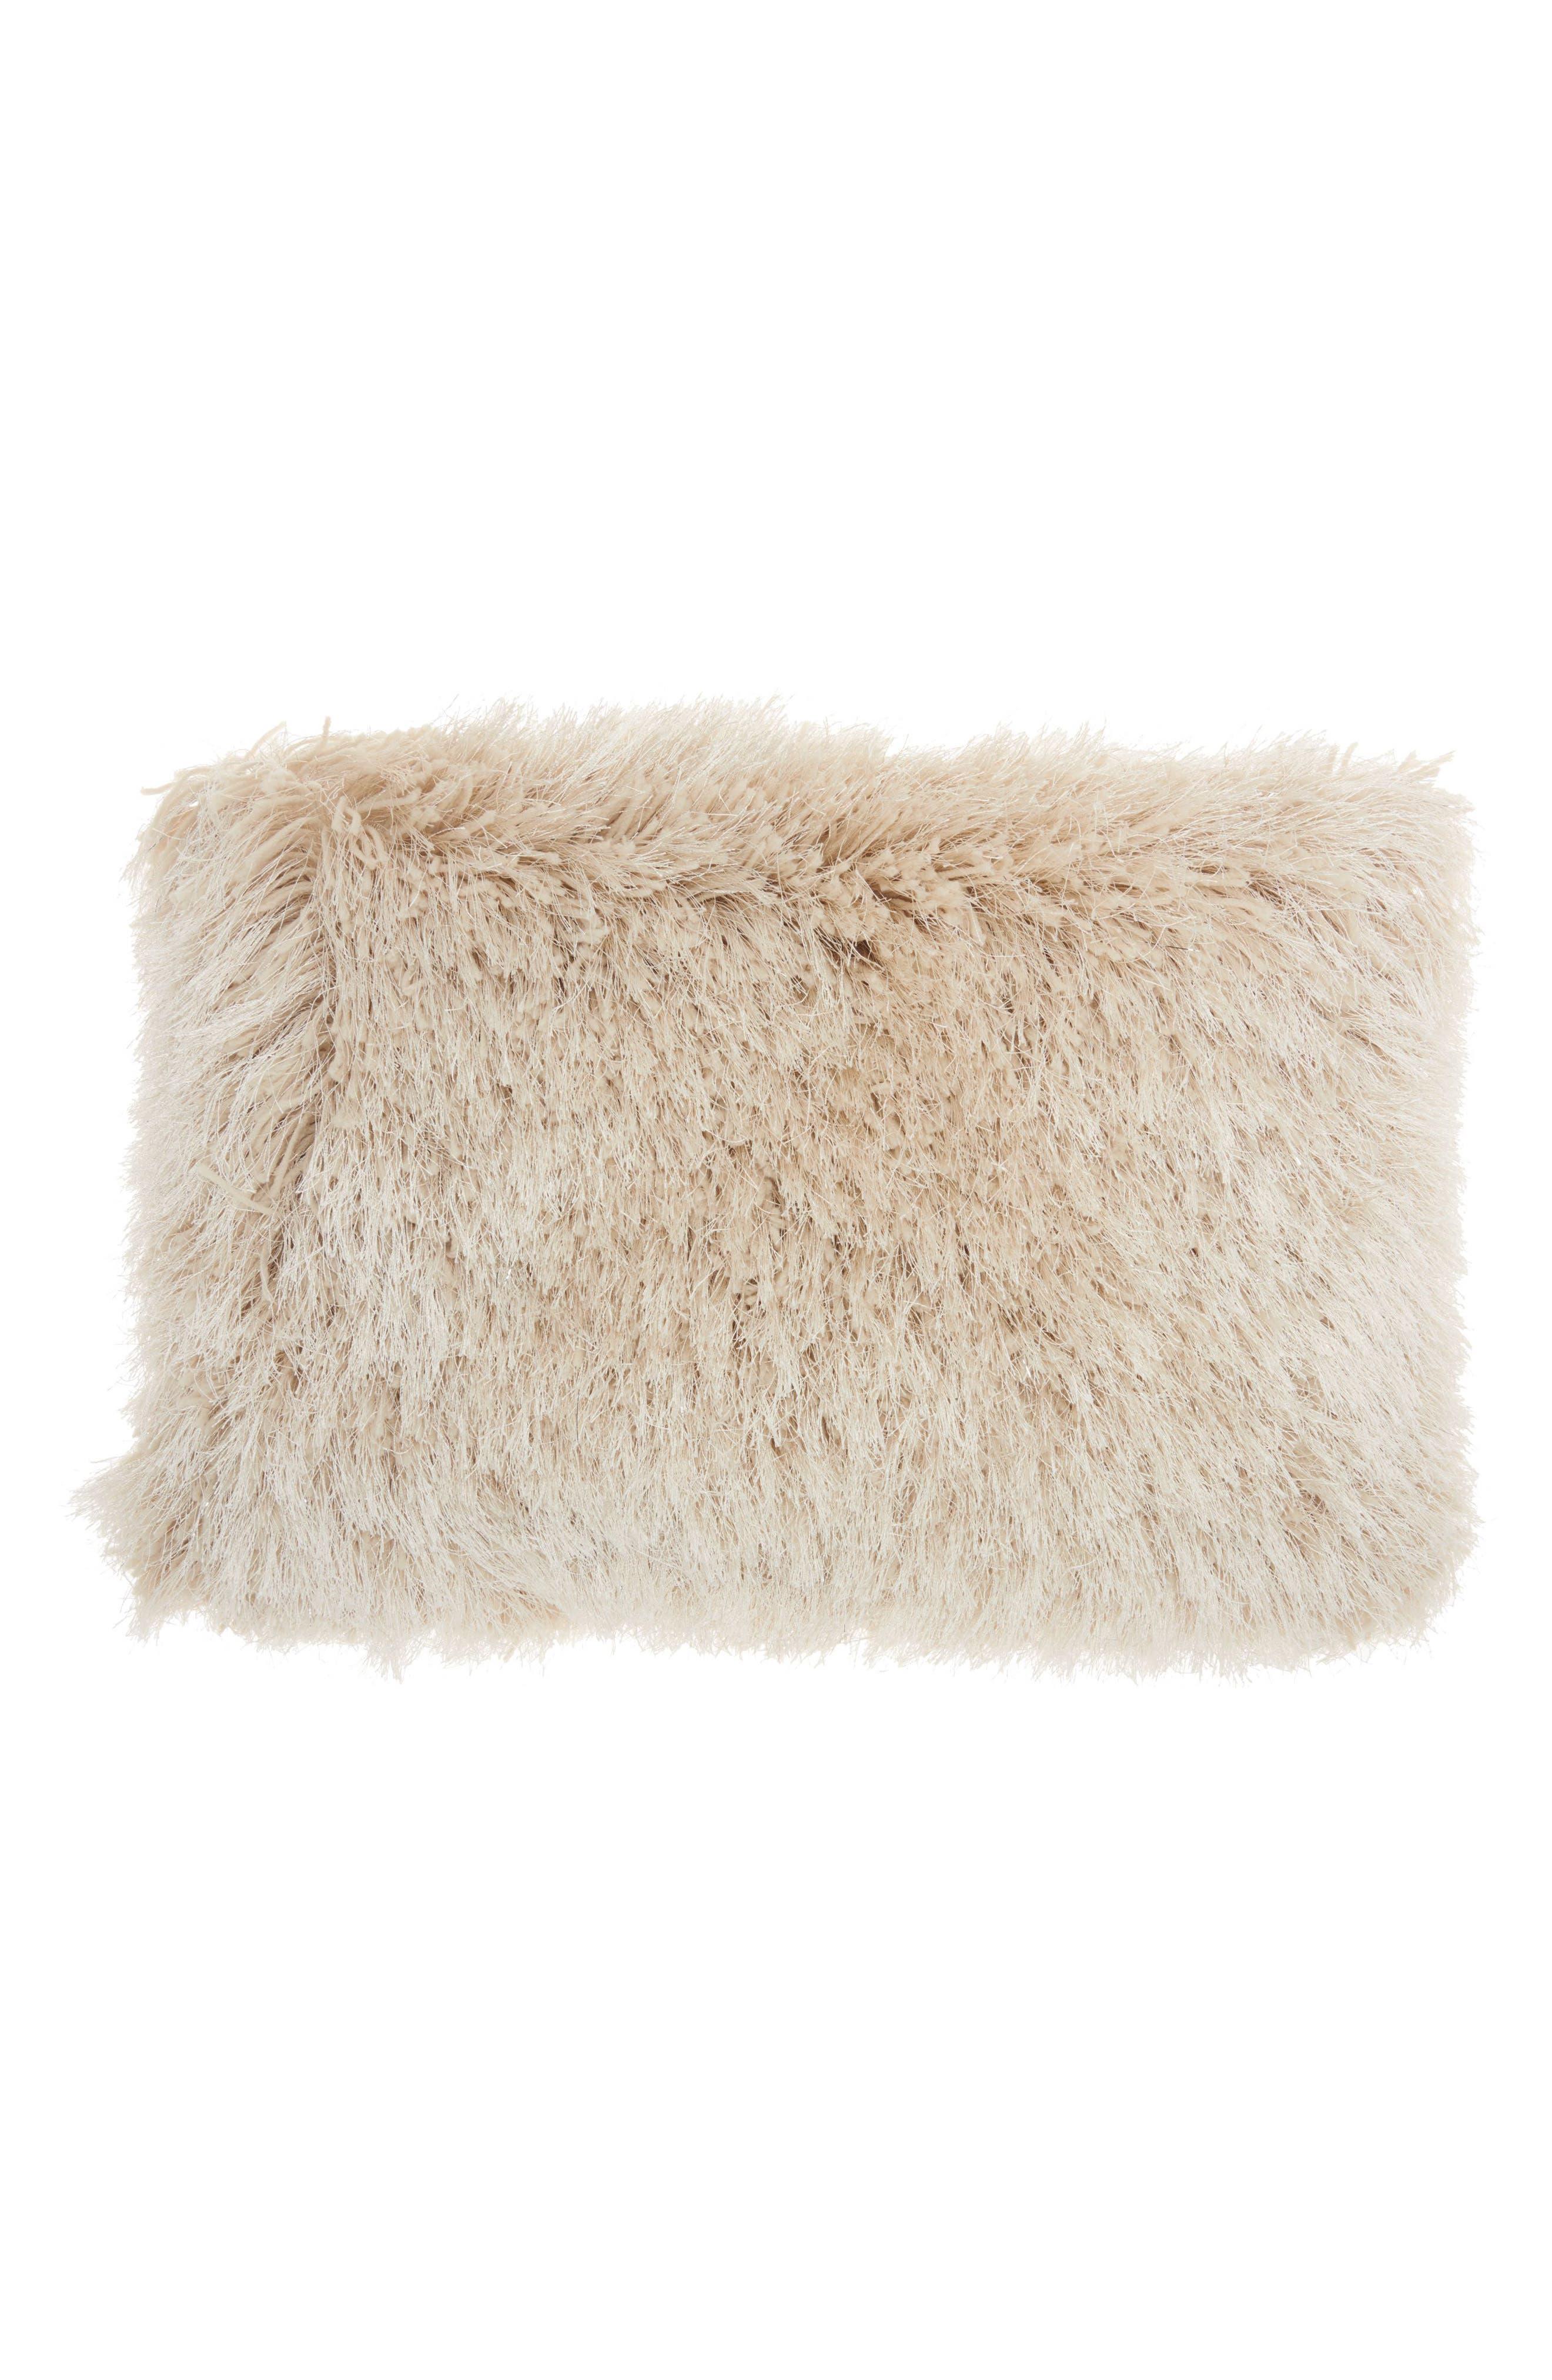 Shimmer Faux Fur Pillow,                         Main,                         color, Beige